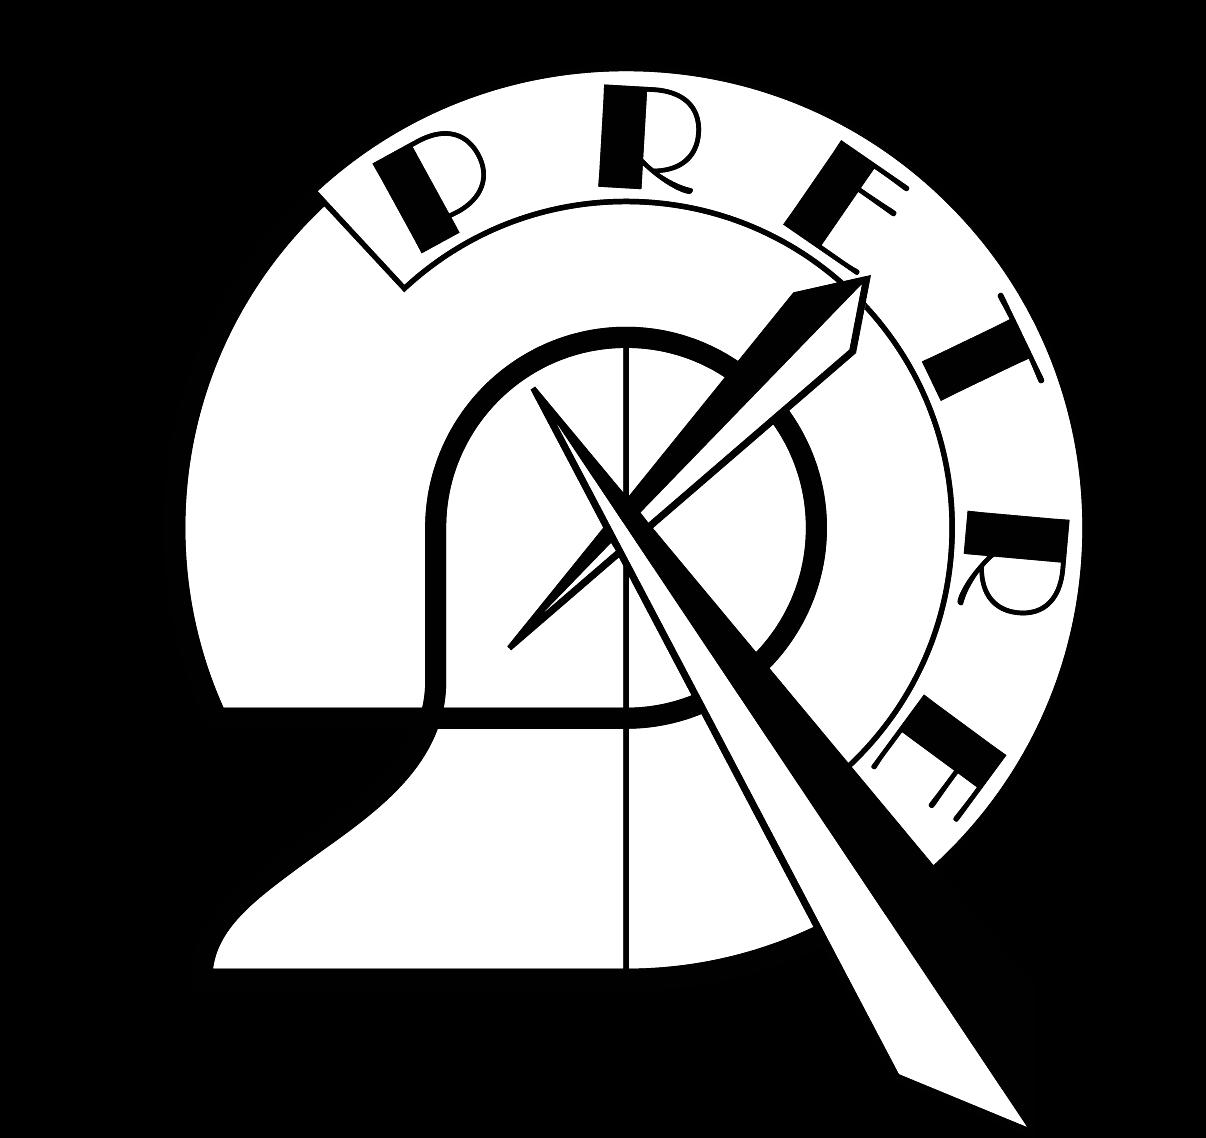 logo-pretre-nb_png